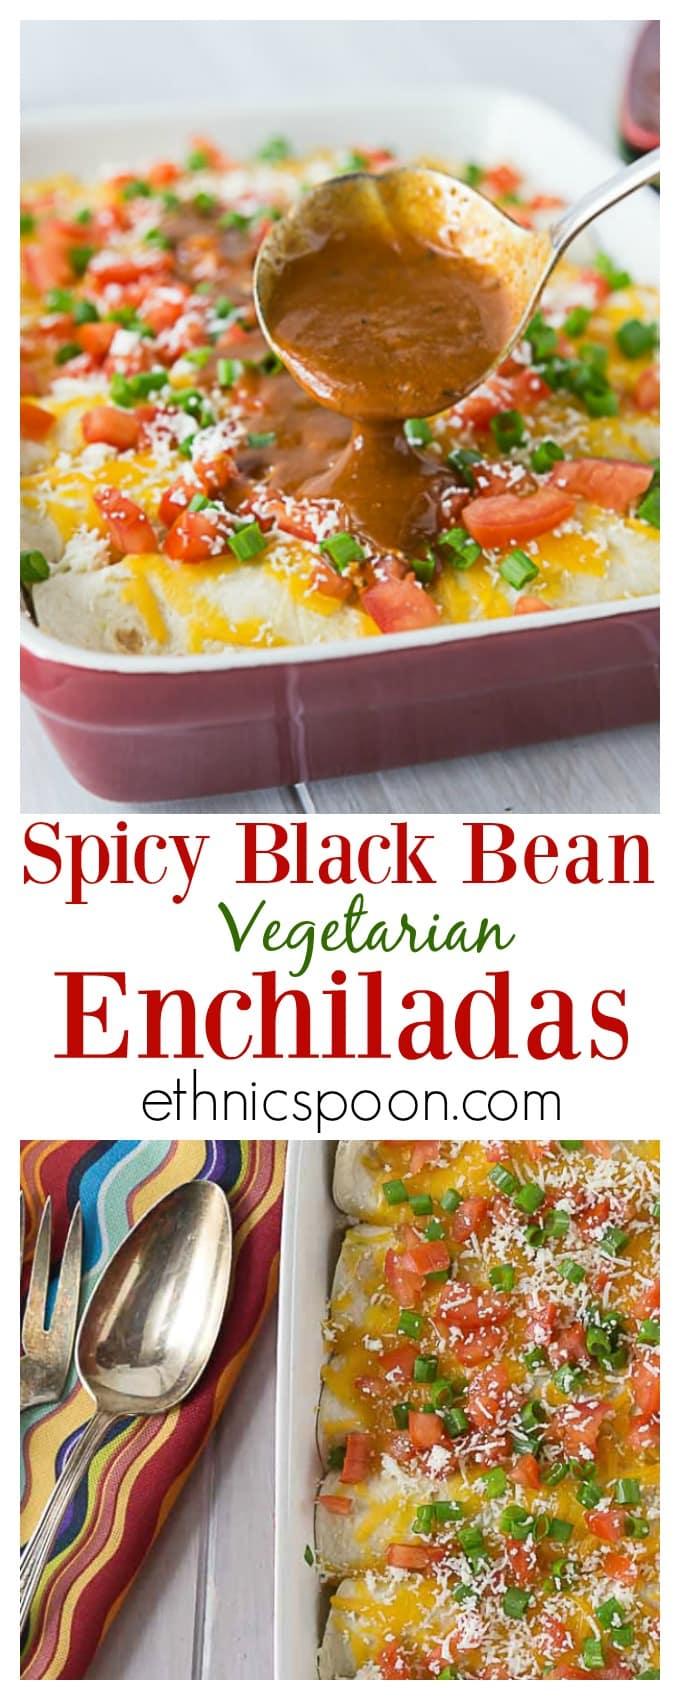 Spicy Black Bean Enchiladas - Analida's Ethnic Spoon